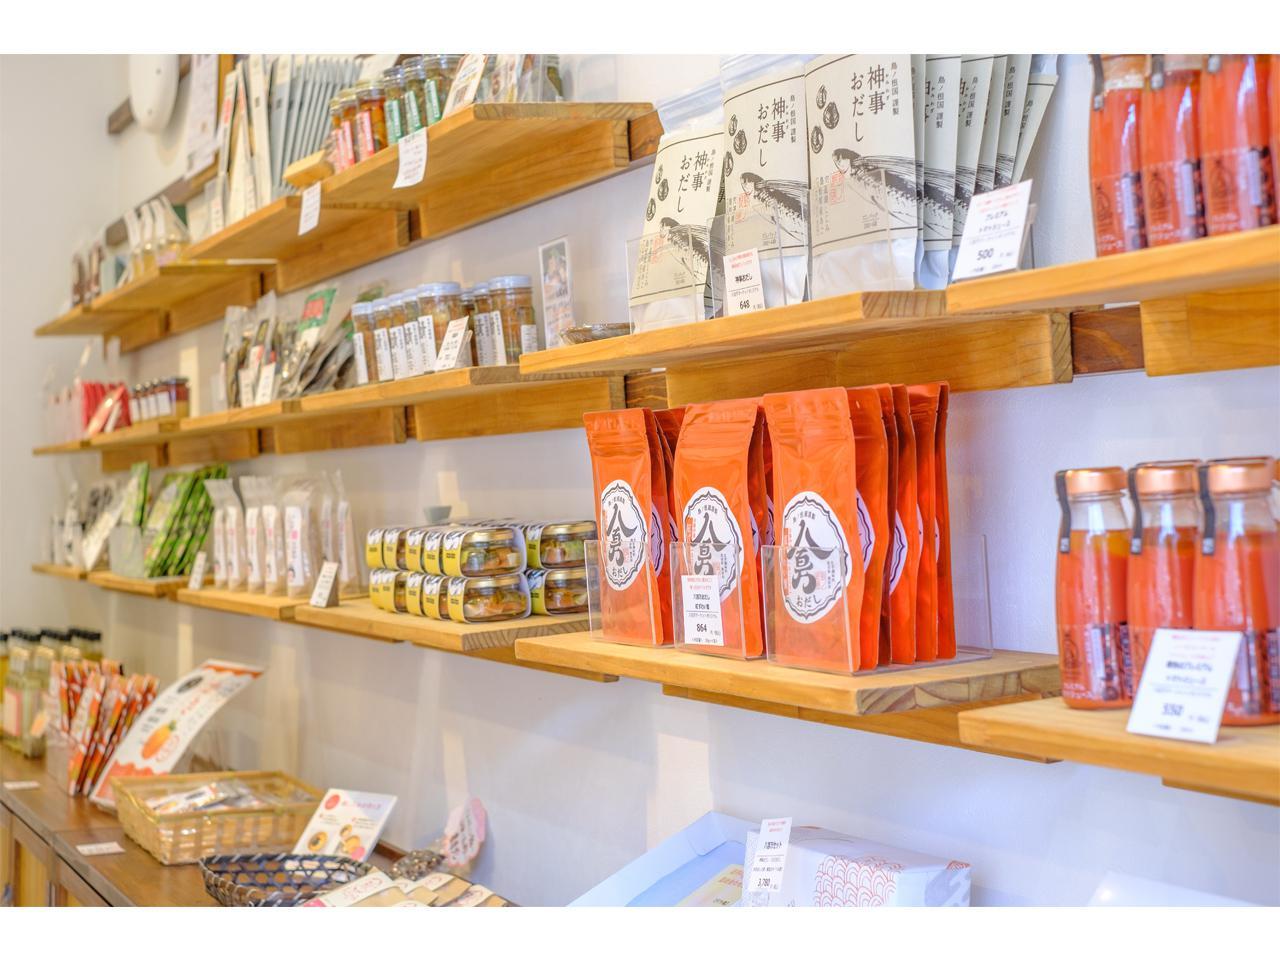 画像: おみやげに、自宅用にと買っていく人が多いという、松江のおみやげが並びます。